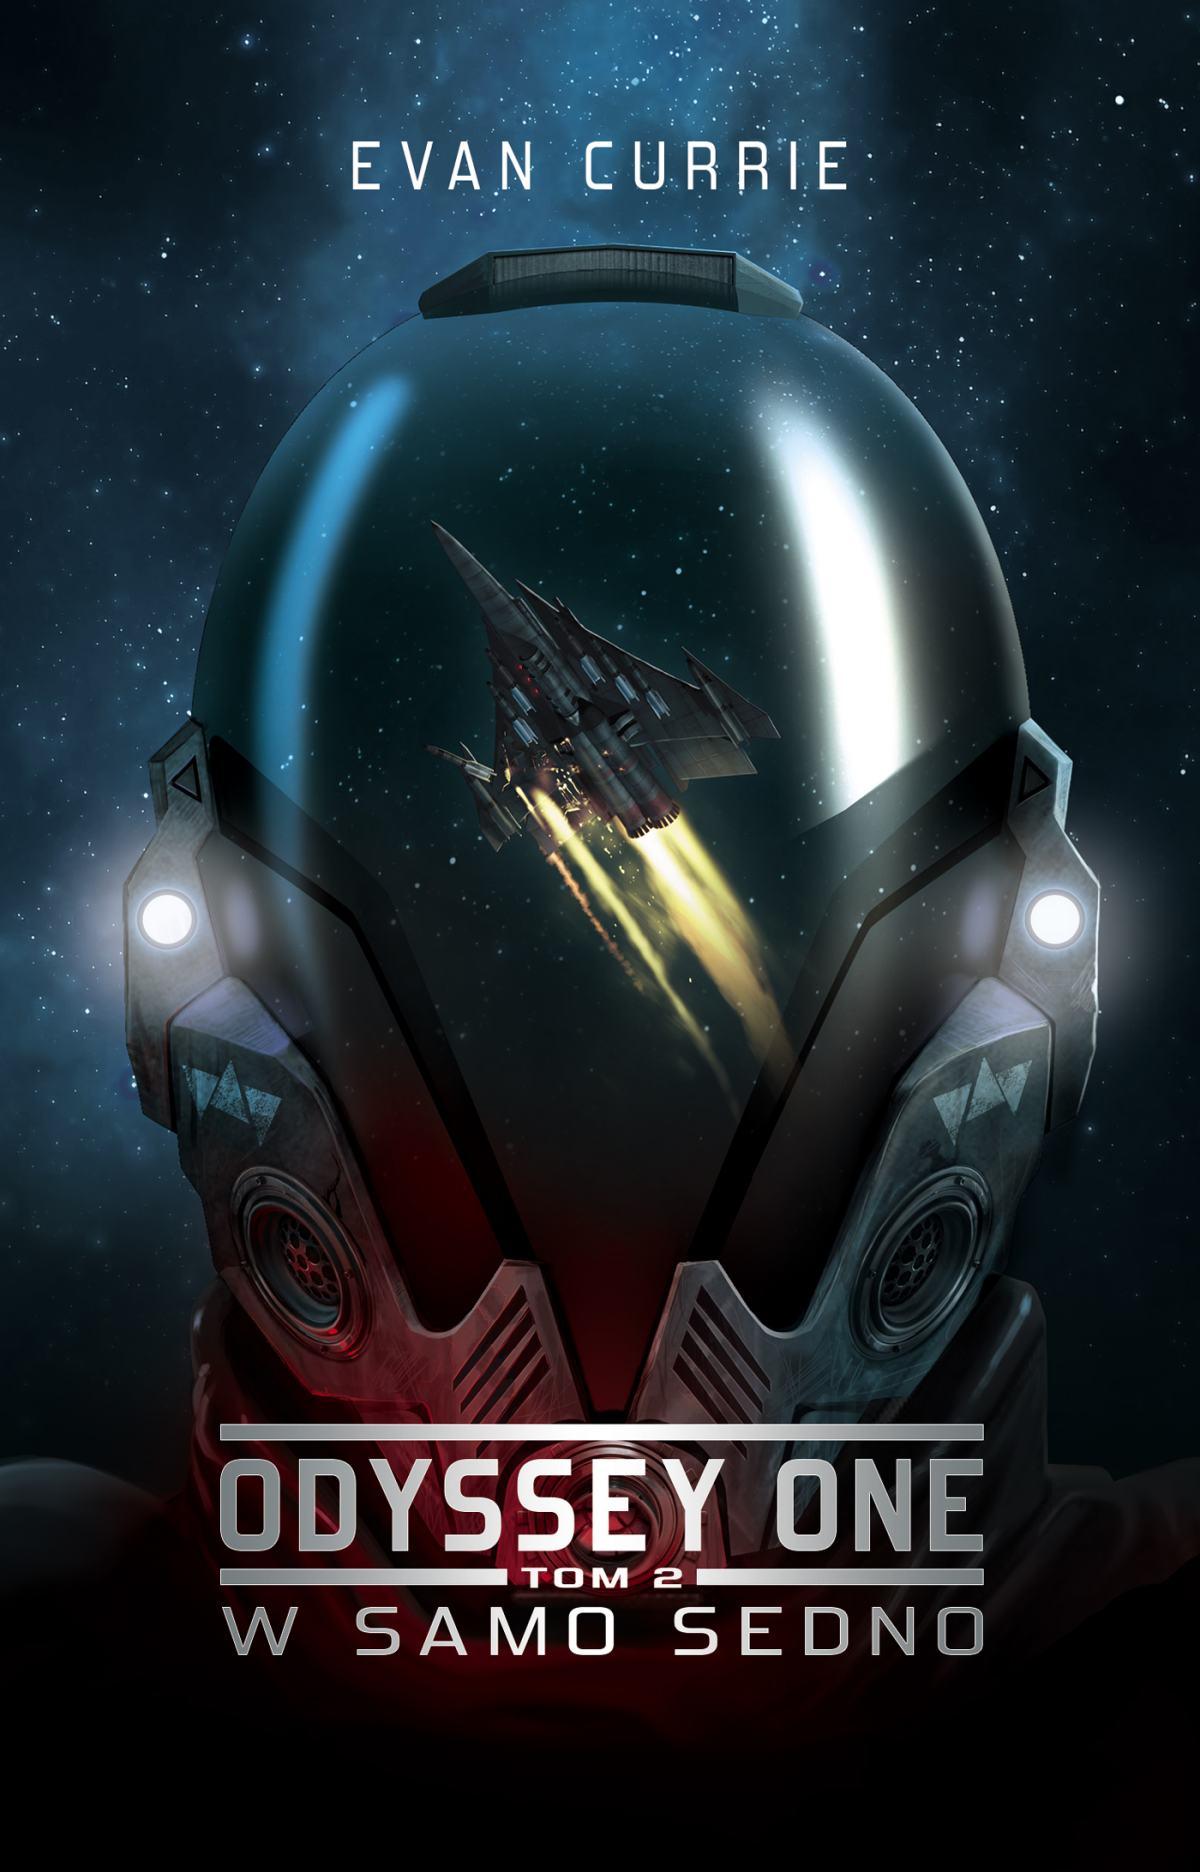 Odyssey One: W samo sedno - Ebook (Książka EPUB) do pobrania w formacie EPUB